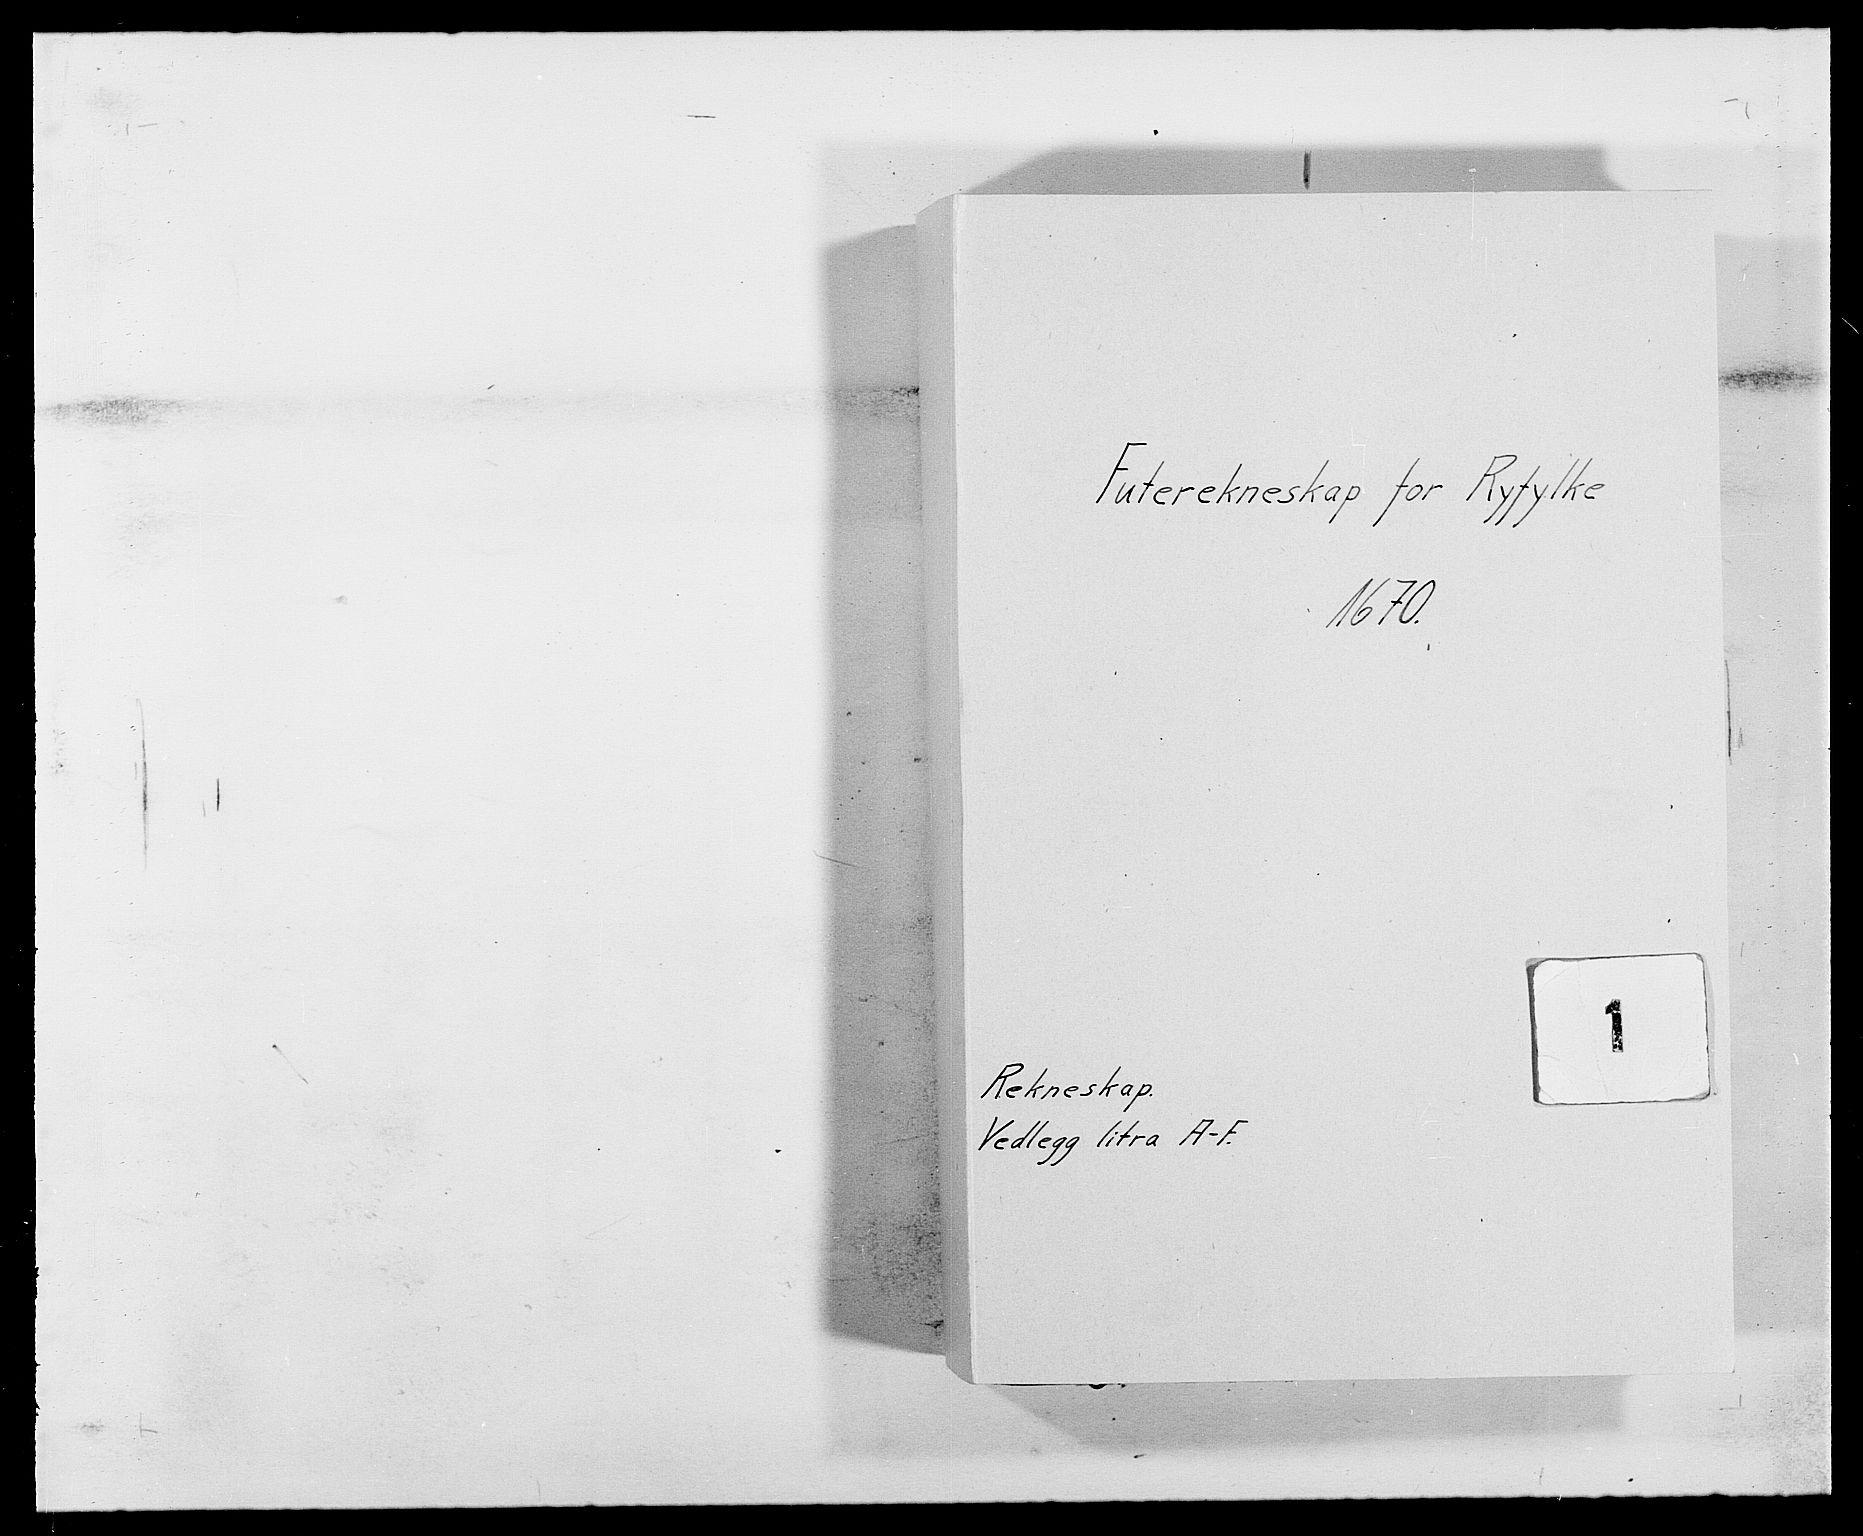 RA, Rentekammeret inntil 1814, Reviderte regnskaper, Fogderegnskap, R47/L2843: Fogderegnskap Ryfylke, 1670-1671, s. 1